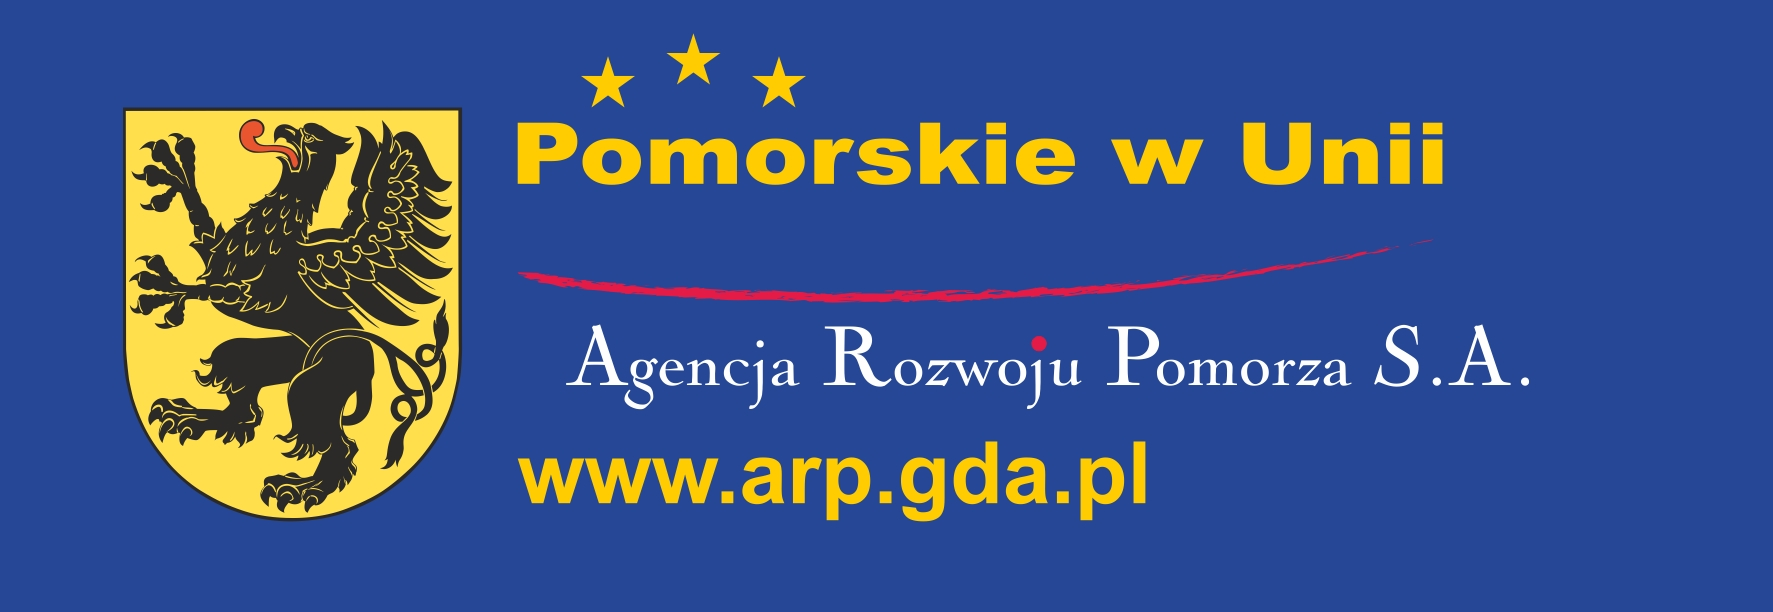 Pomorskie_w_Unii_-_ARP_S_A___kolor_250x88mm_300dpi__plik_jpg_